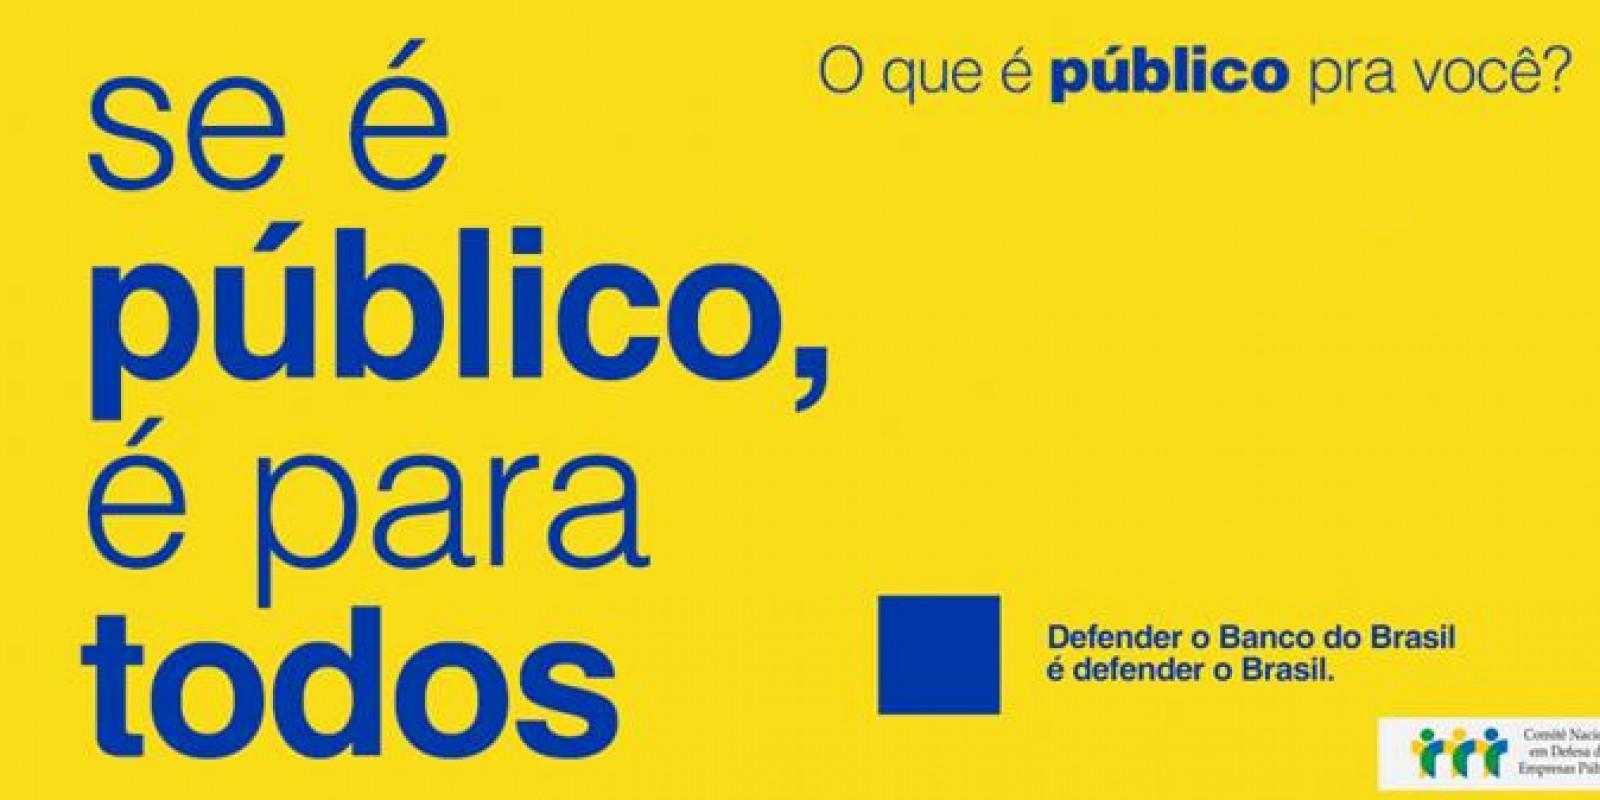 O governo vendeu mais de 18 milhões de ações do Fundo Soberano do Banco do Brasil